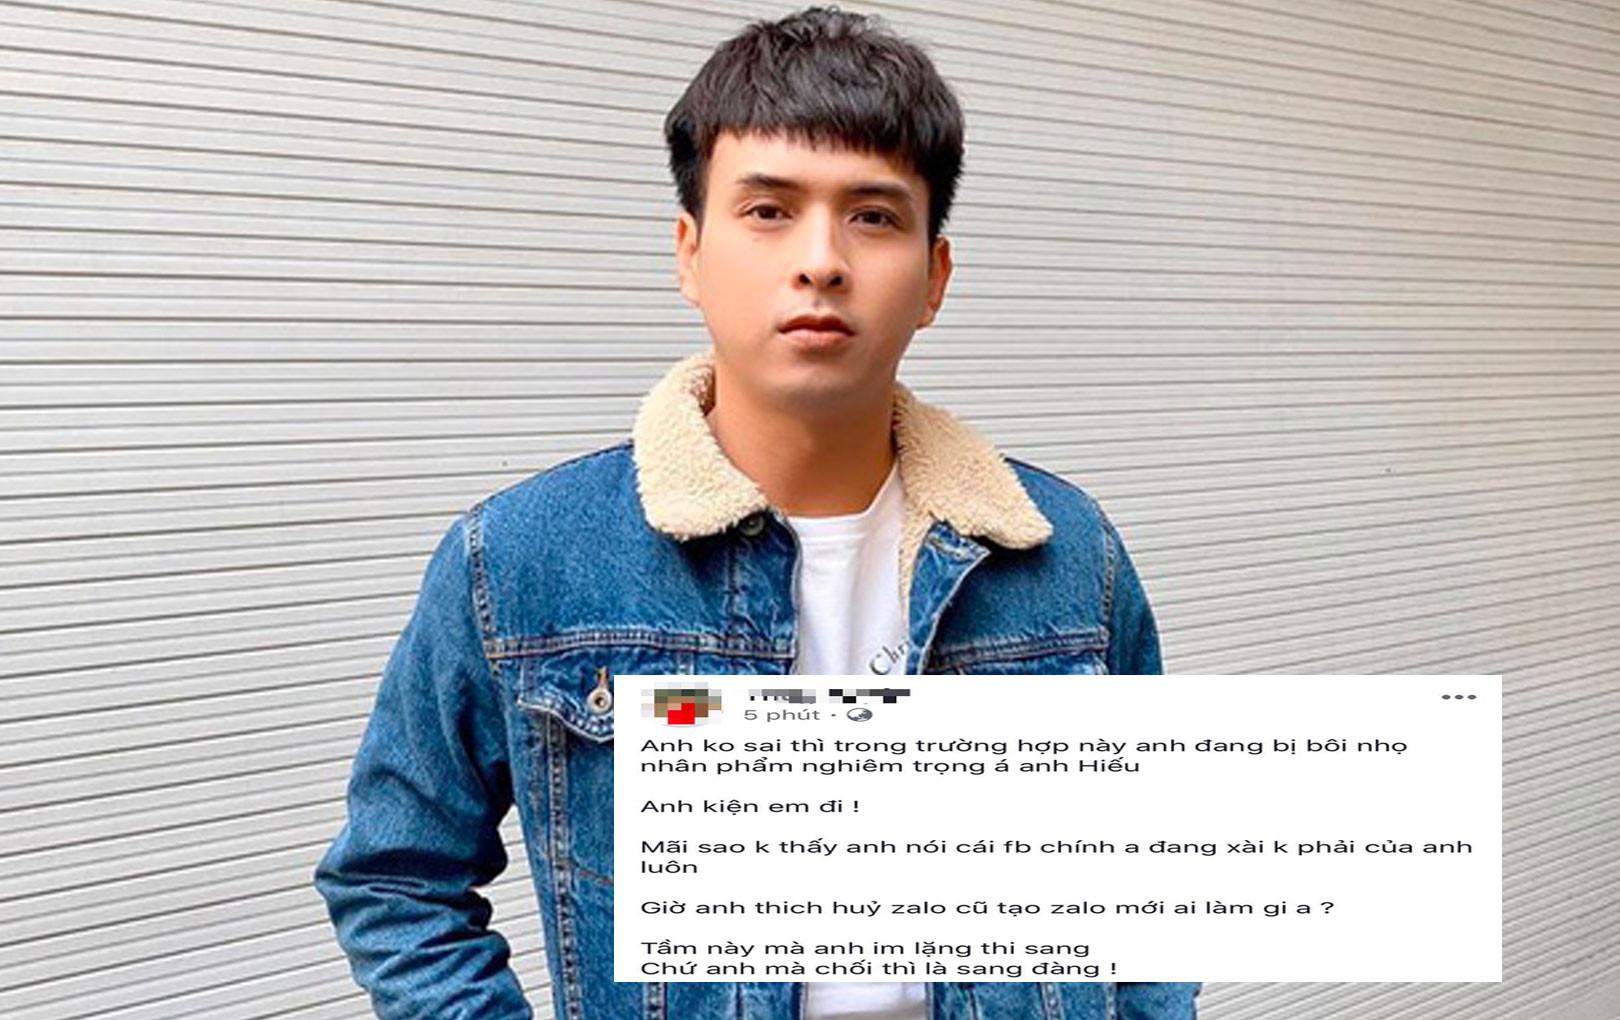 """Cô gái tố Hồ Quang Hiếu lên tiếng: """"Anh đang bị bôi nhọ nghiêm trọng á, kiện em đi"""""""